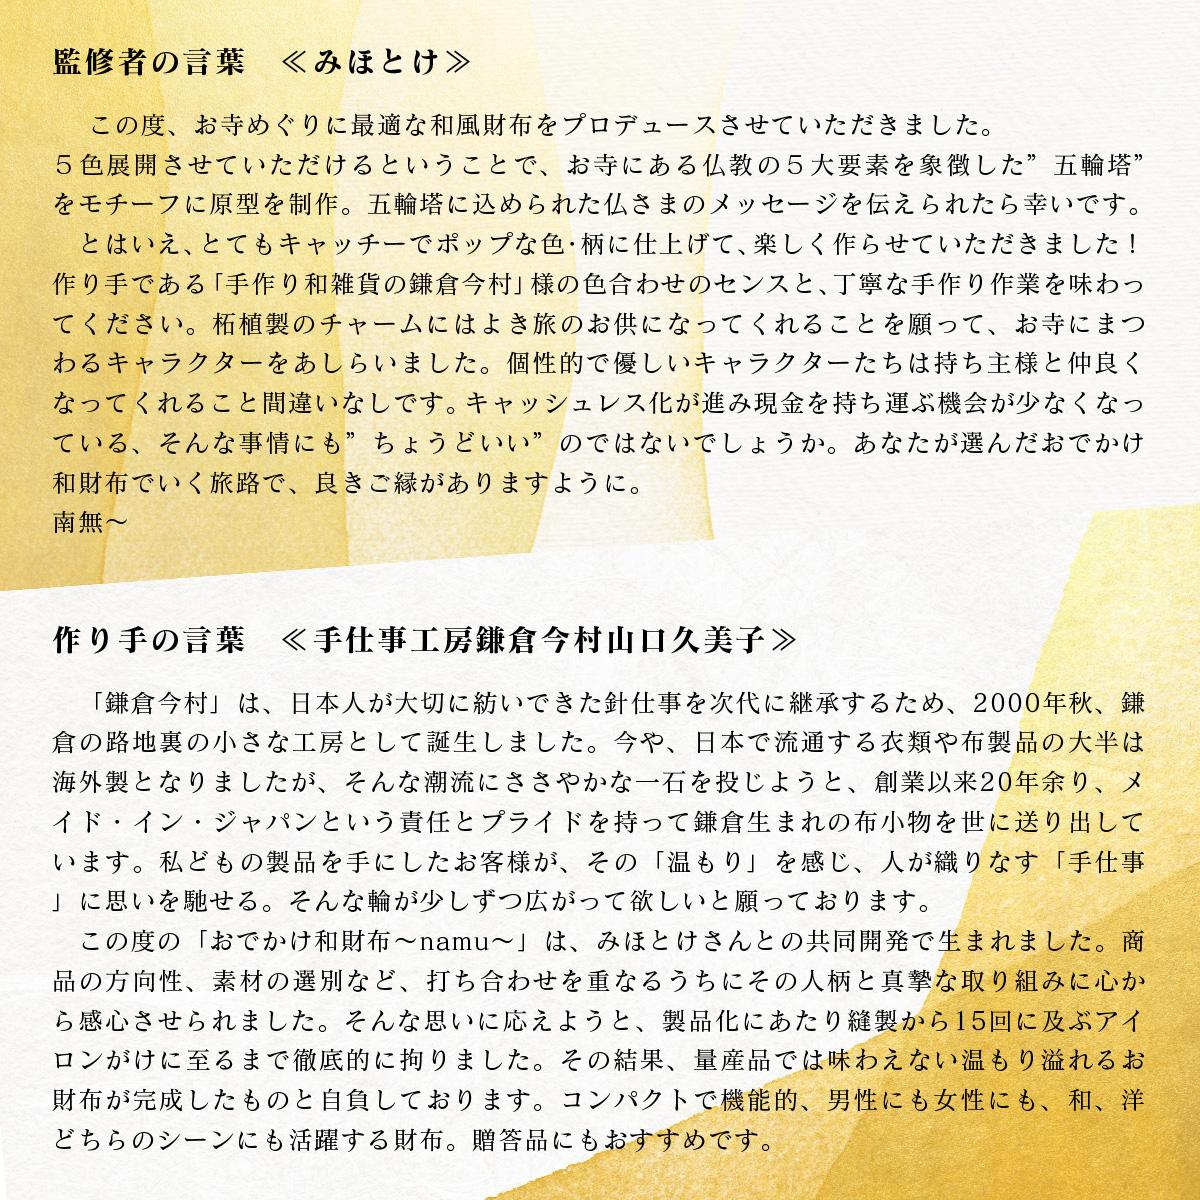 みほとけプロデュース おでかけ和財布〜namu〜『邪鬼』 ≫福徳や繁栄の縁起を表す財布